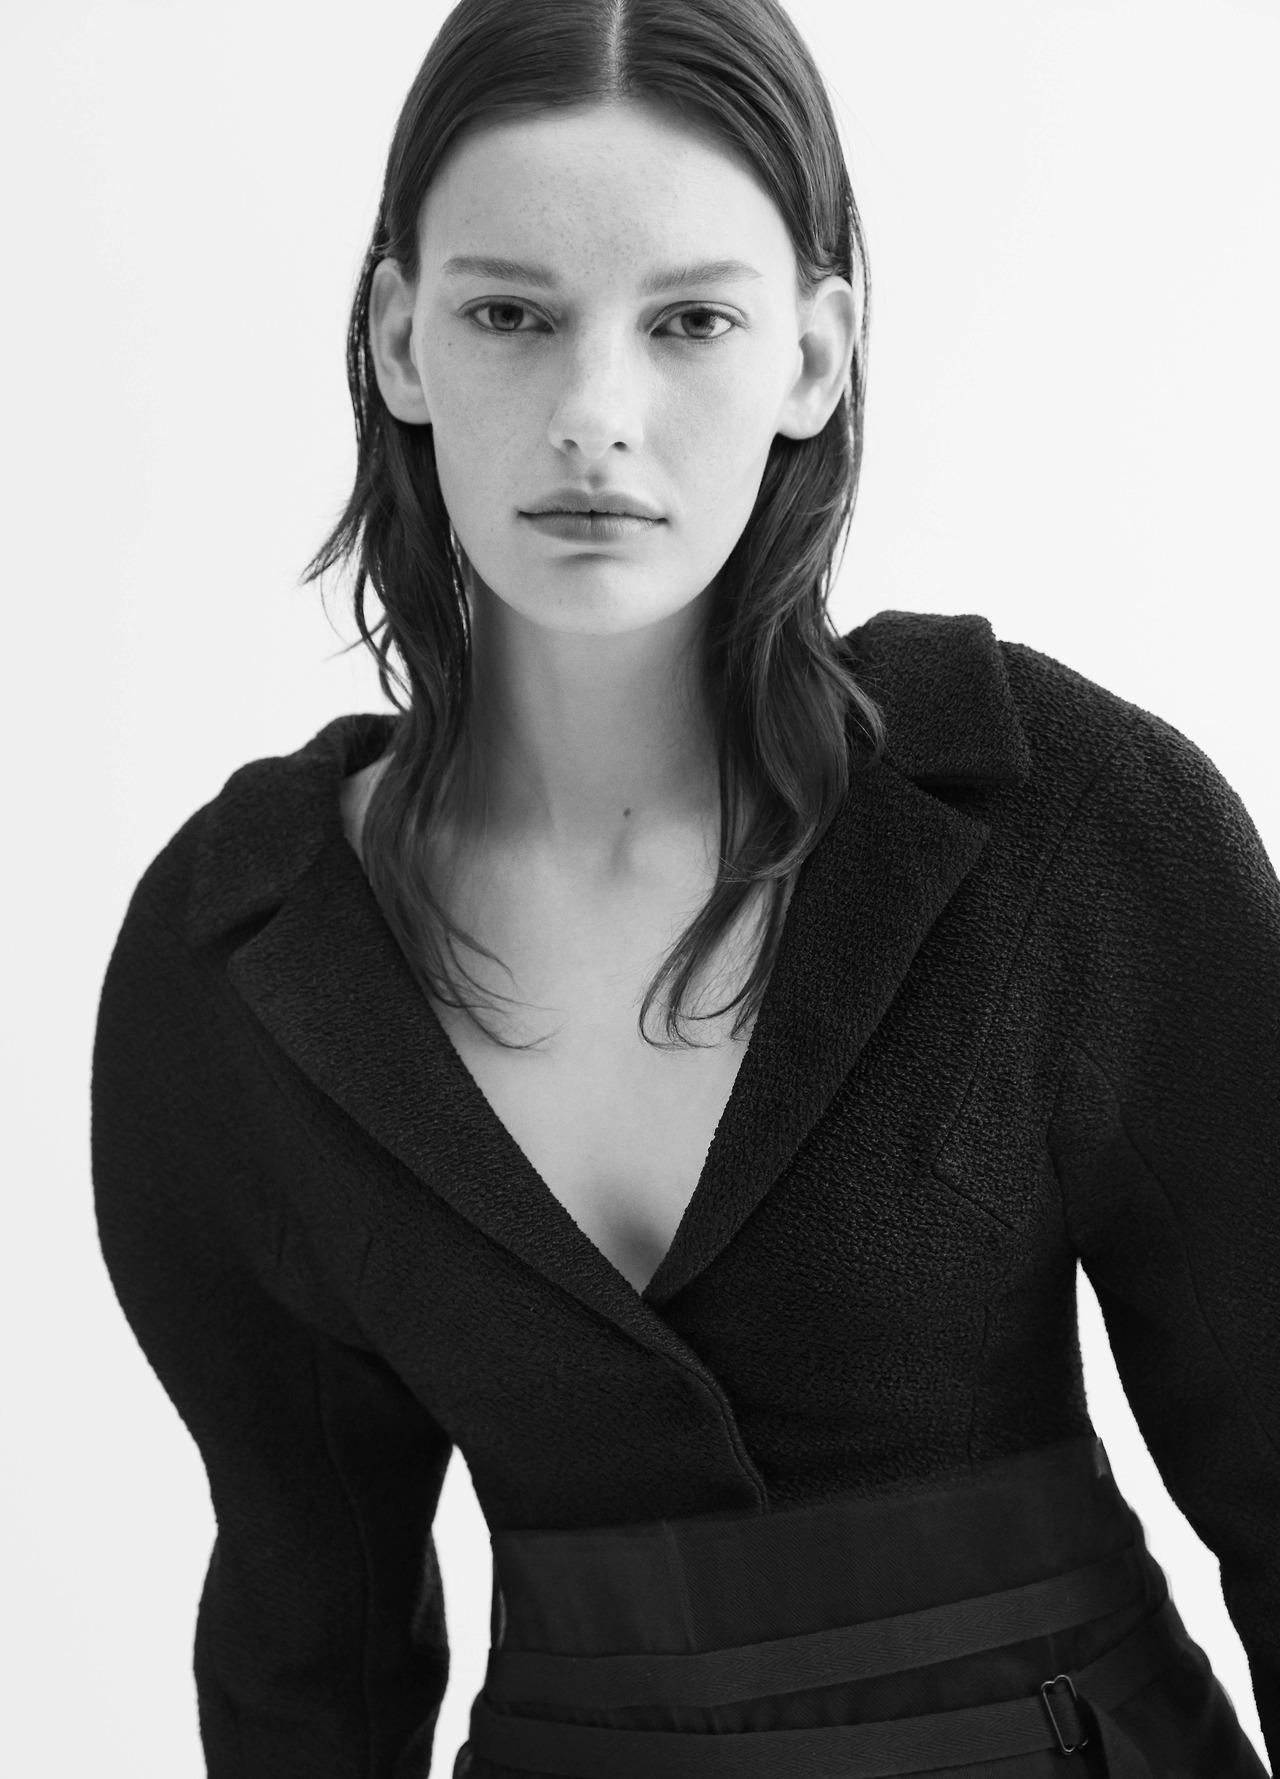 Amanda Murphy (model)